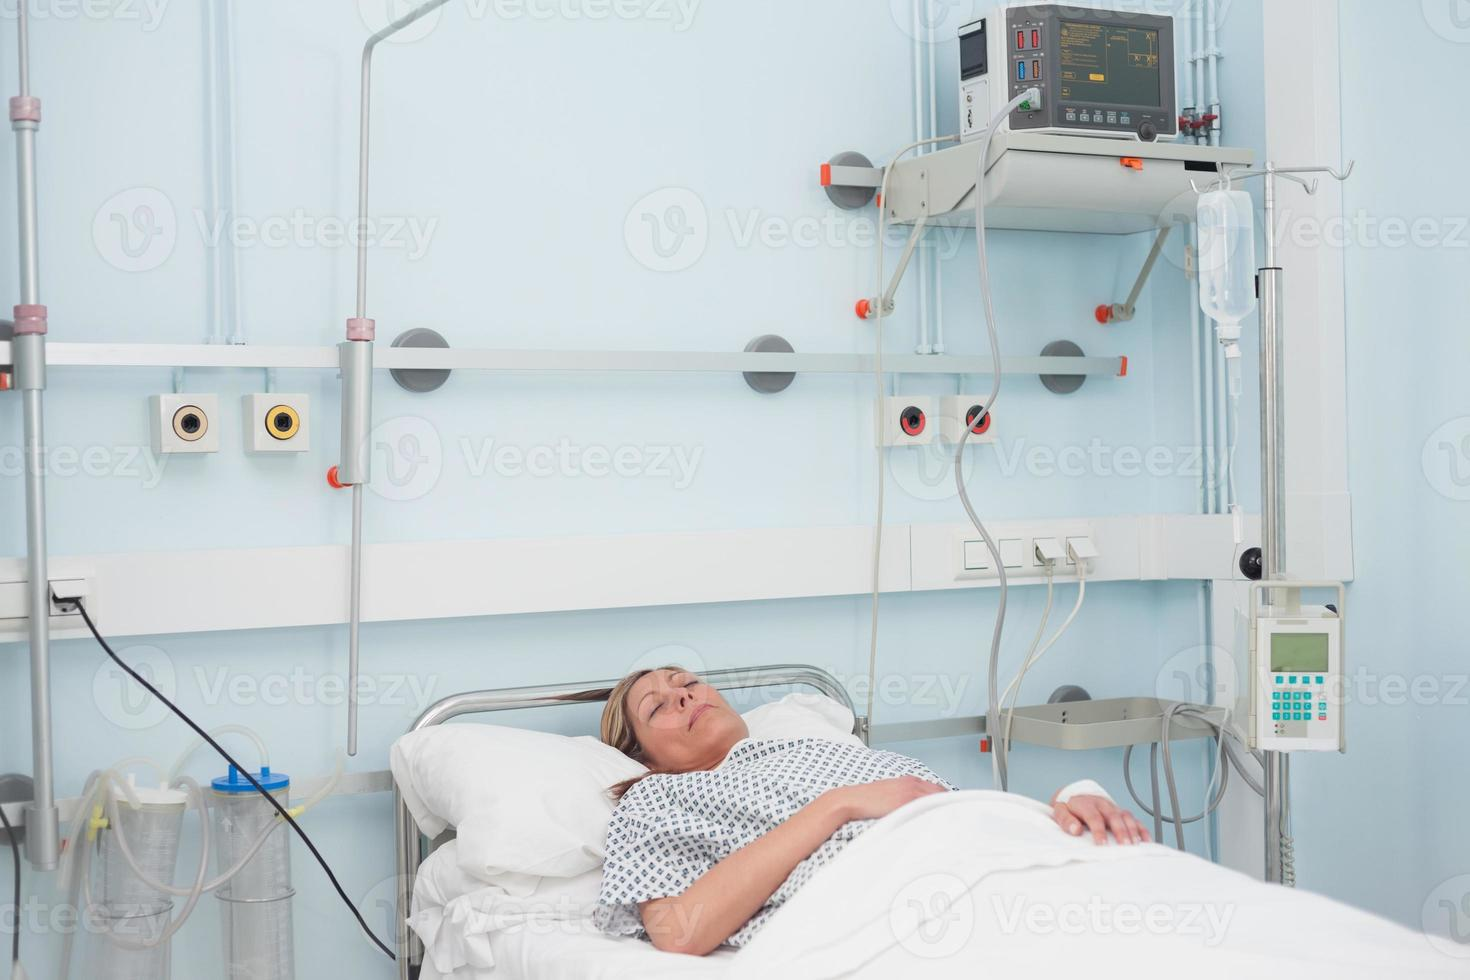 paciente femenino acostado en una cama foto